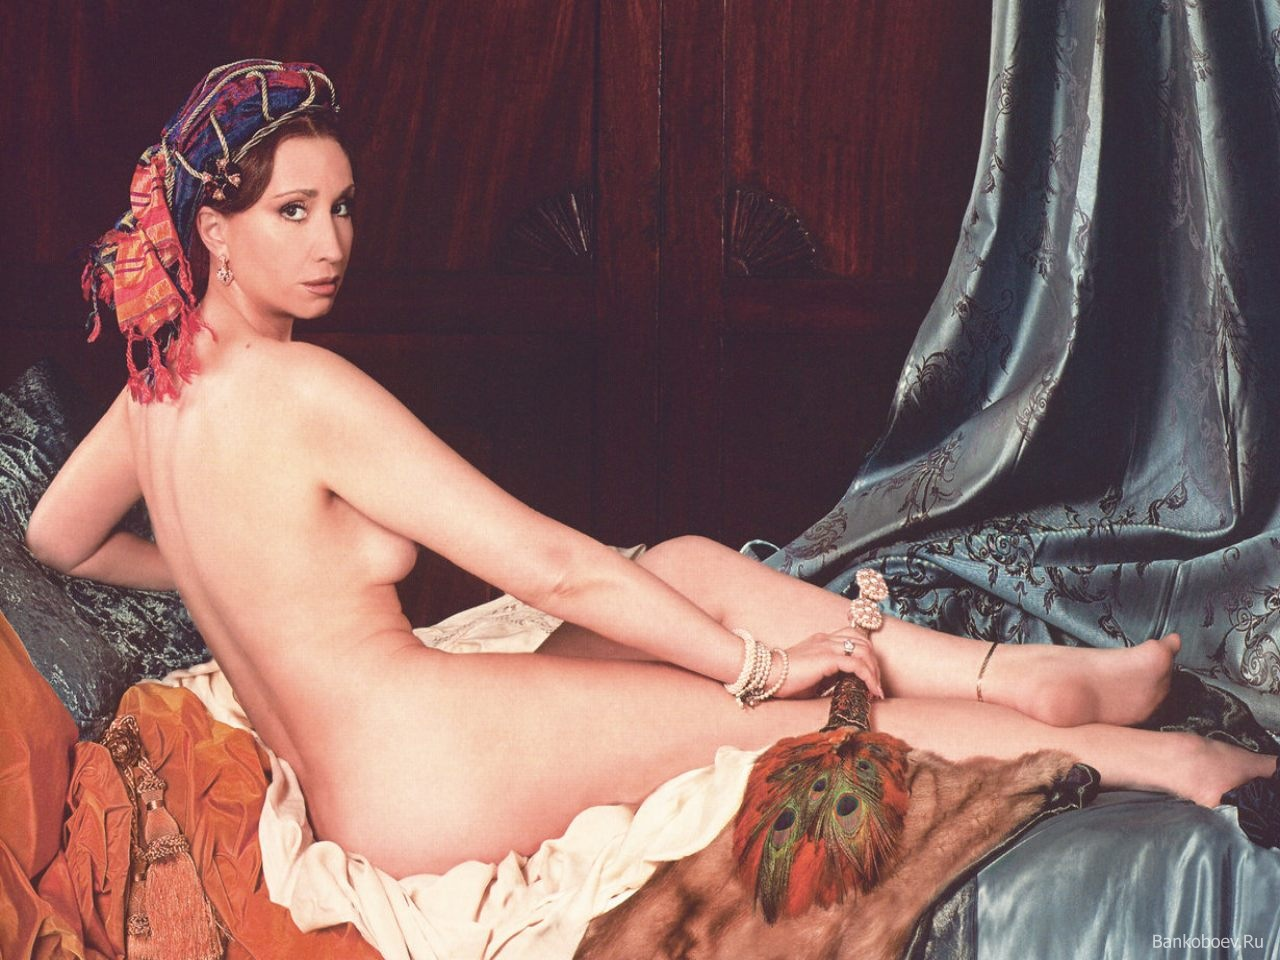 А если голая Ирина Аллегрова не достаточно тебя возбудила, ты можешь